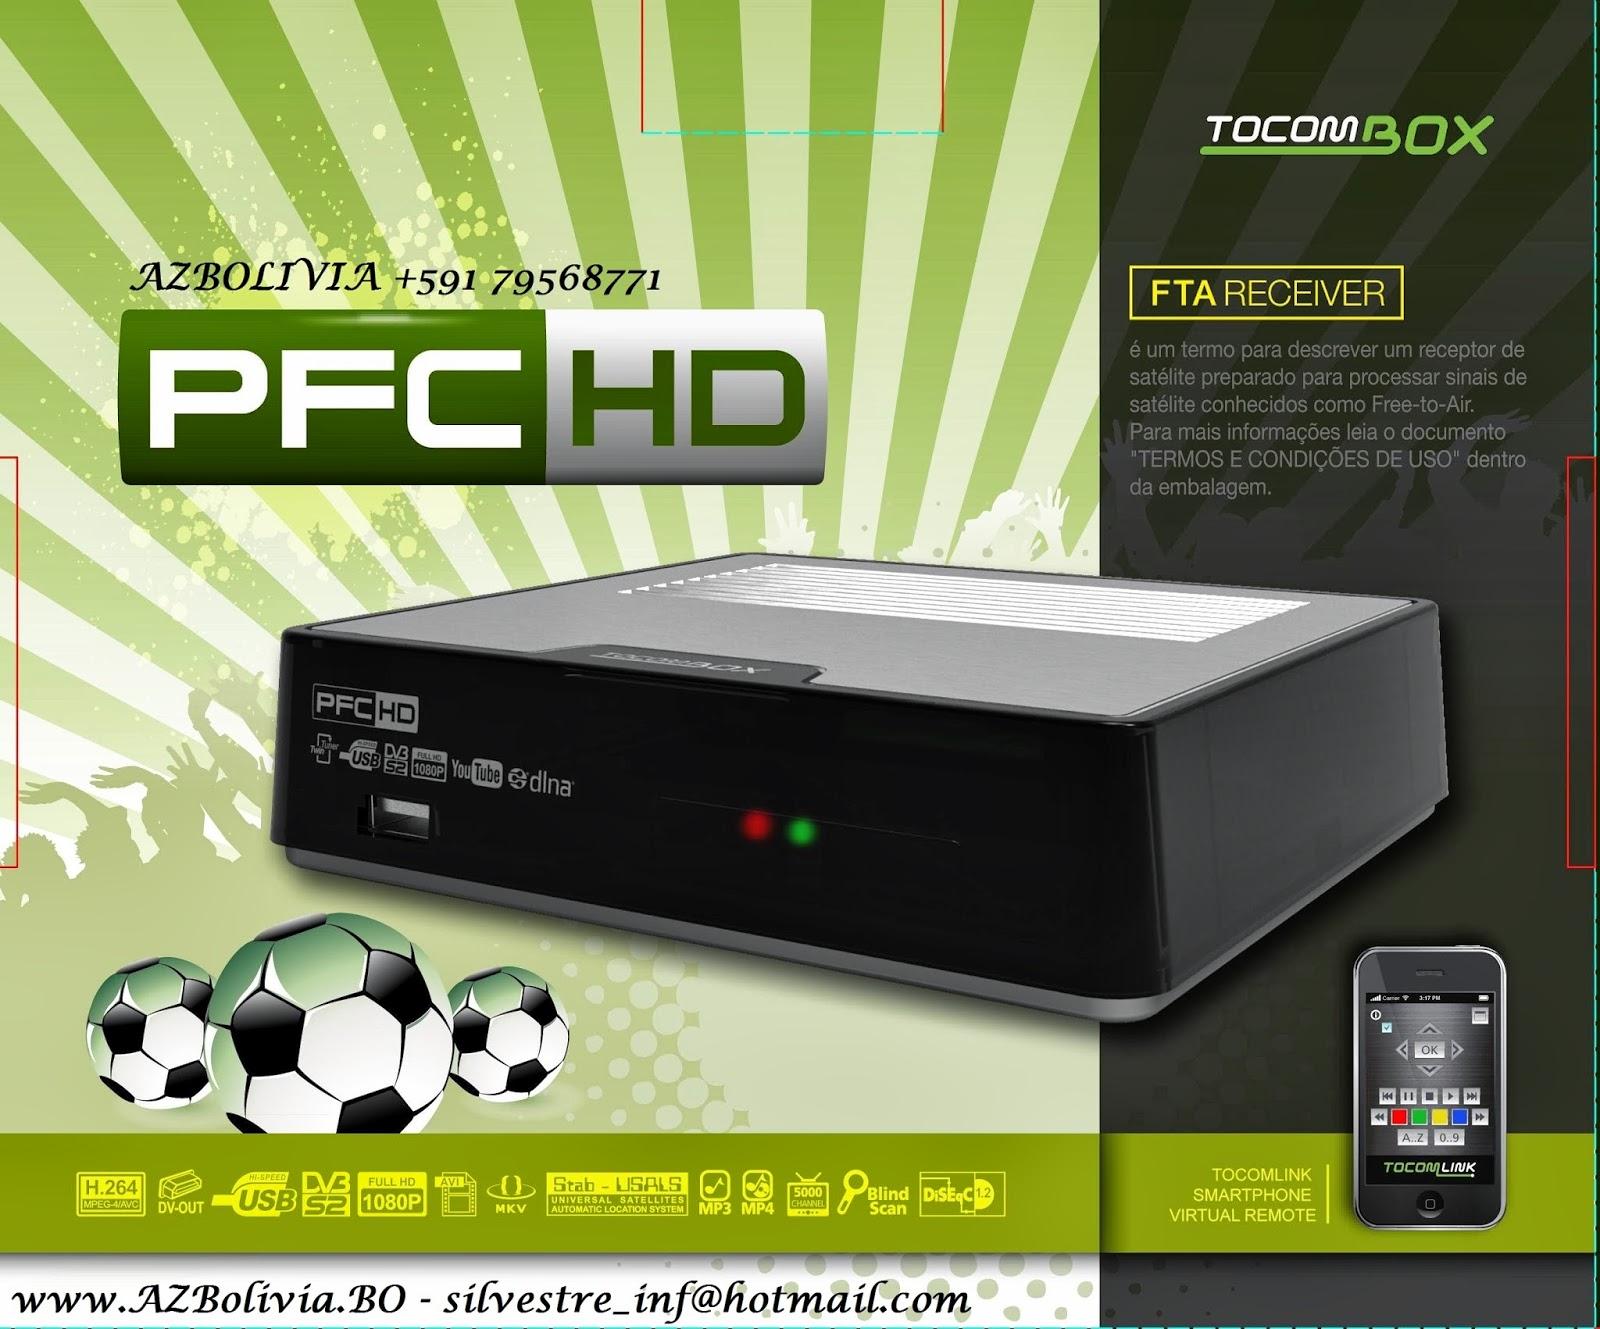 MiDeco – Página 213 – Tv Stelital Tupac Katari 87w FTA